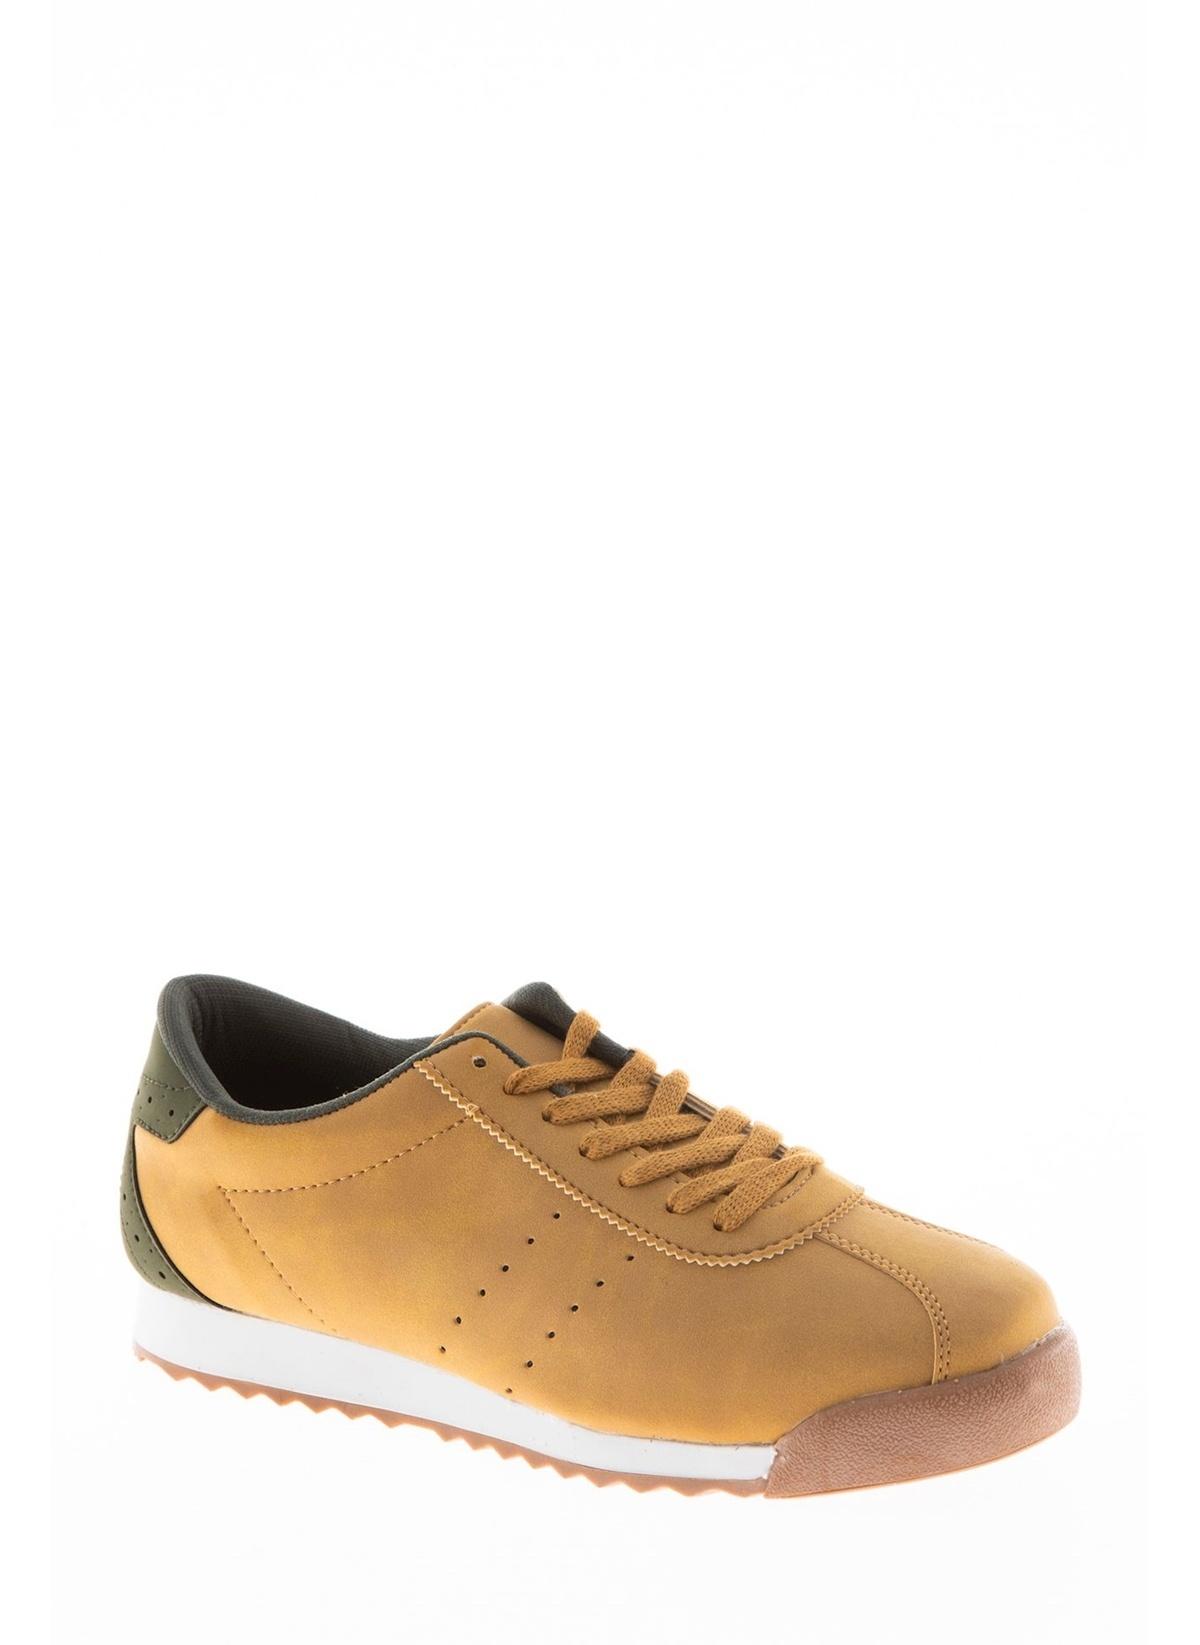 Defacto Bağcıklı Spor Ayakkabı K5455az19spbn69 Ayakkabı – 89.99 TL